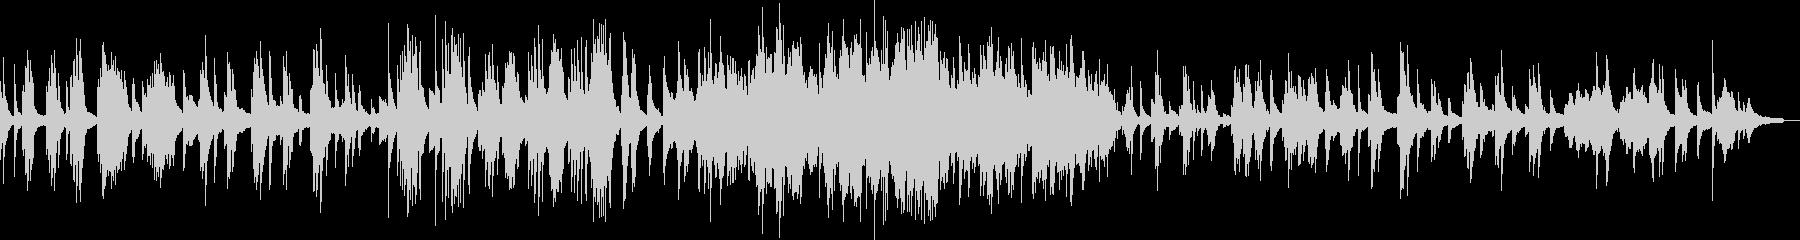 月の光 ドビュッシーのピアノ曲の未再生の波形